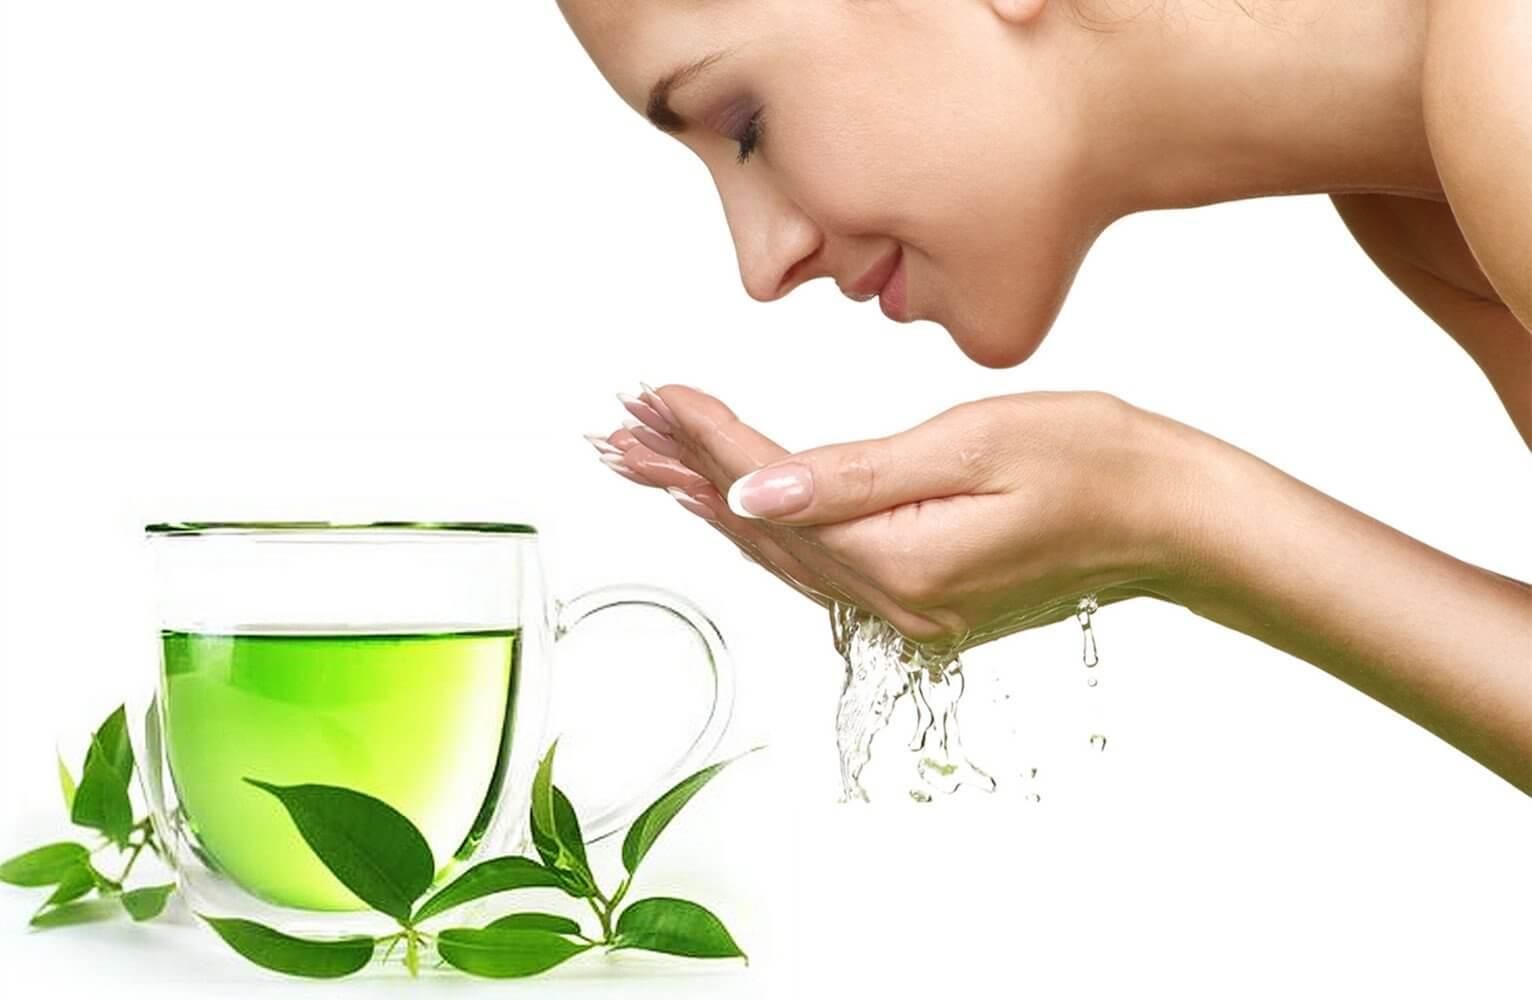 Công dụng làm đẹp da của trà xanh